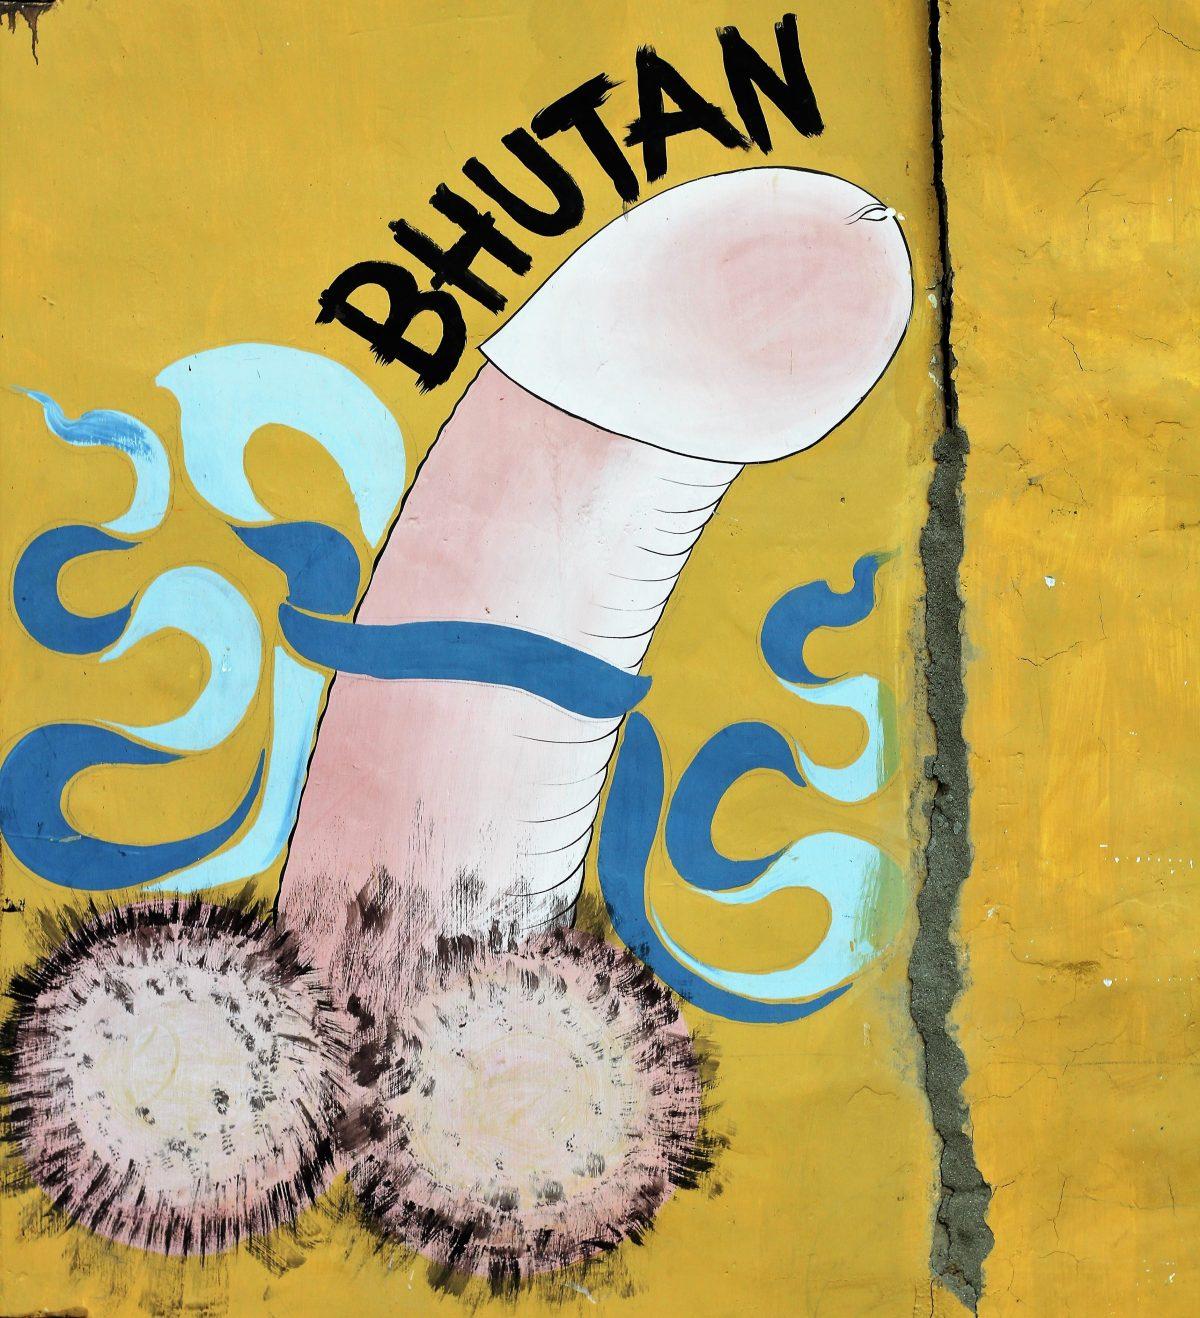 Die verzierten Phallussymbole findet man auf vielen Hauswänden in Bhutan